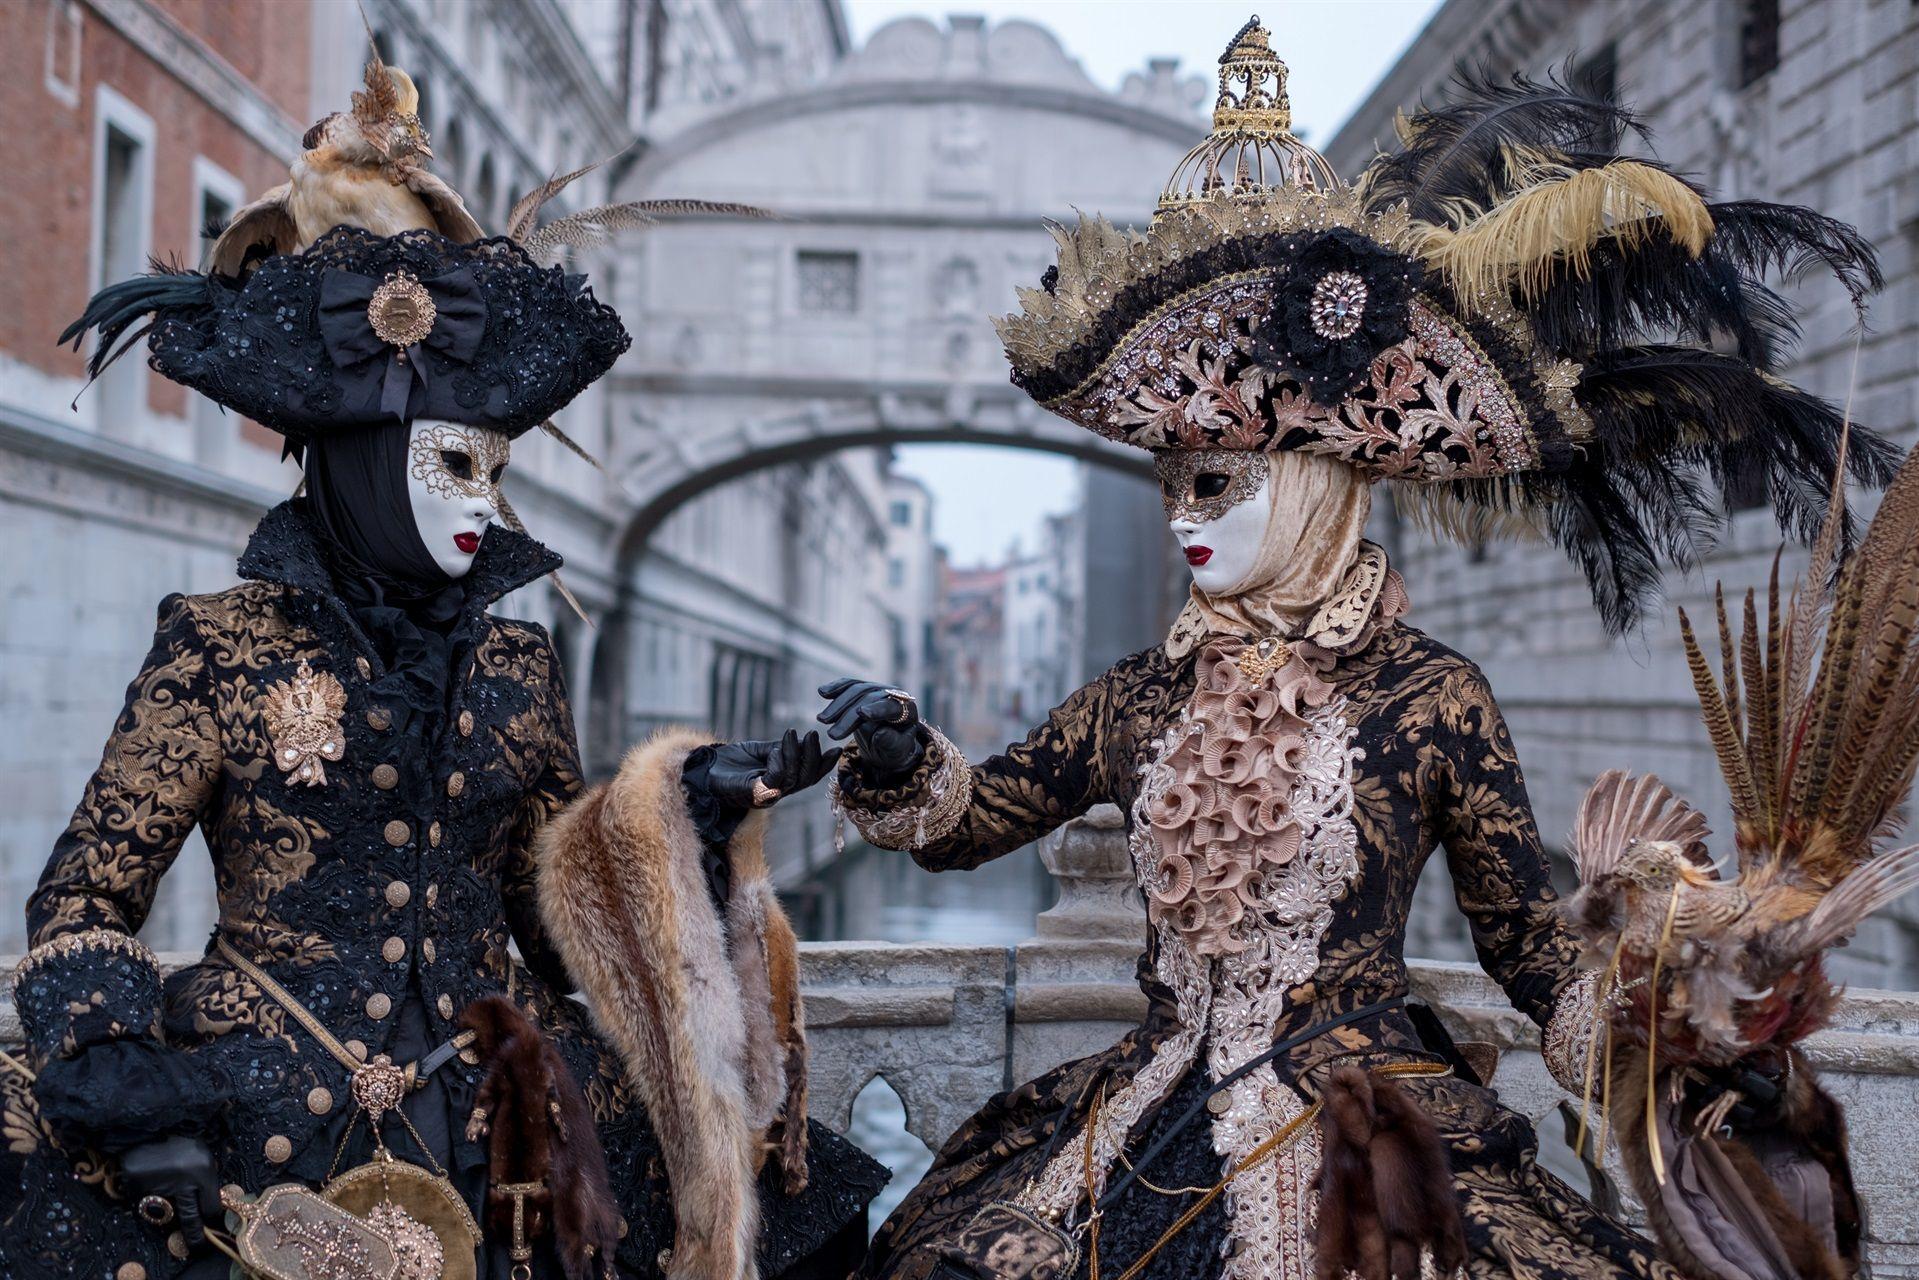 Le 10 feste di Carnevale più belle al mondo nel 2020 (con